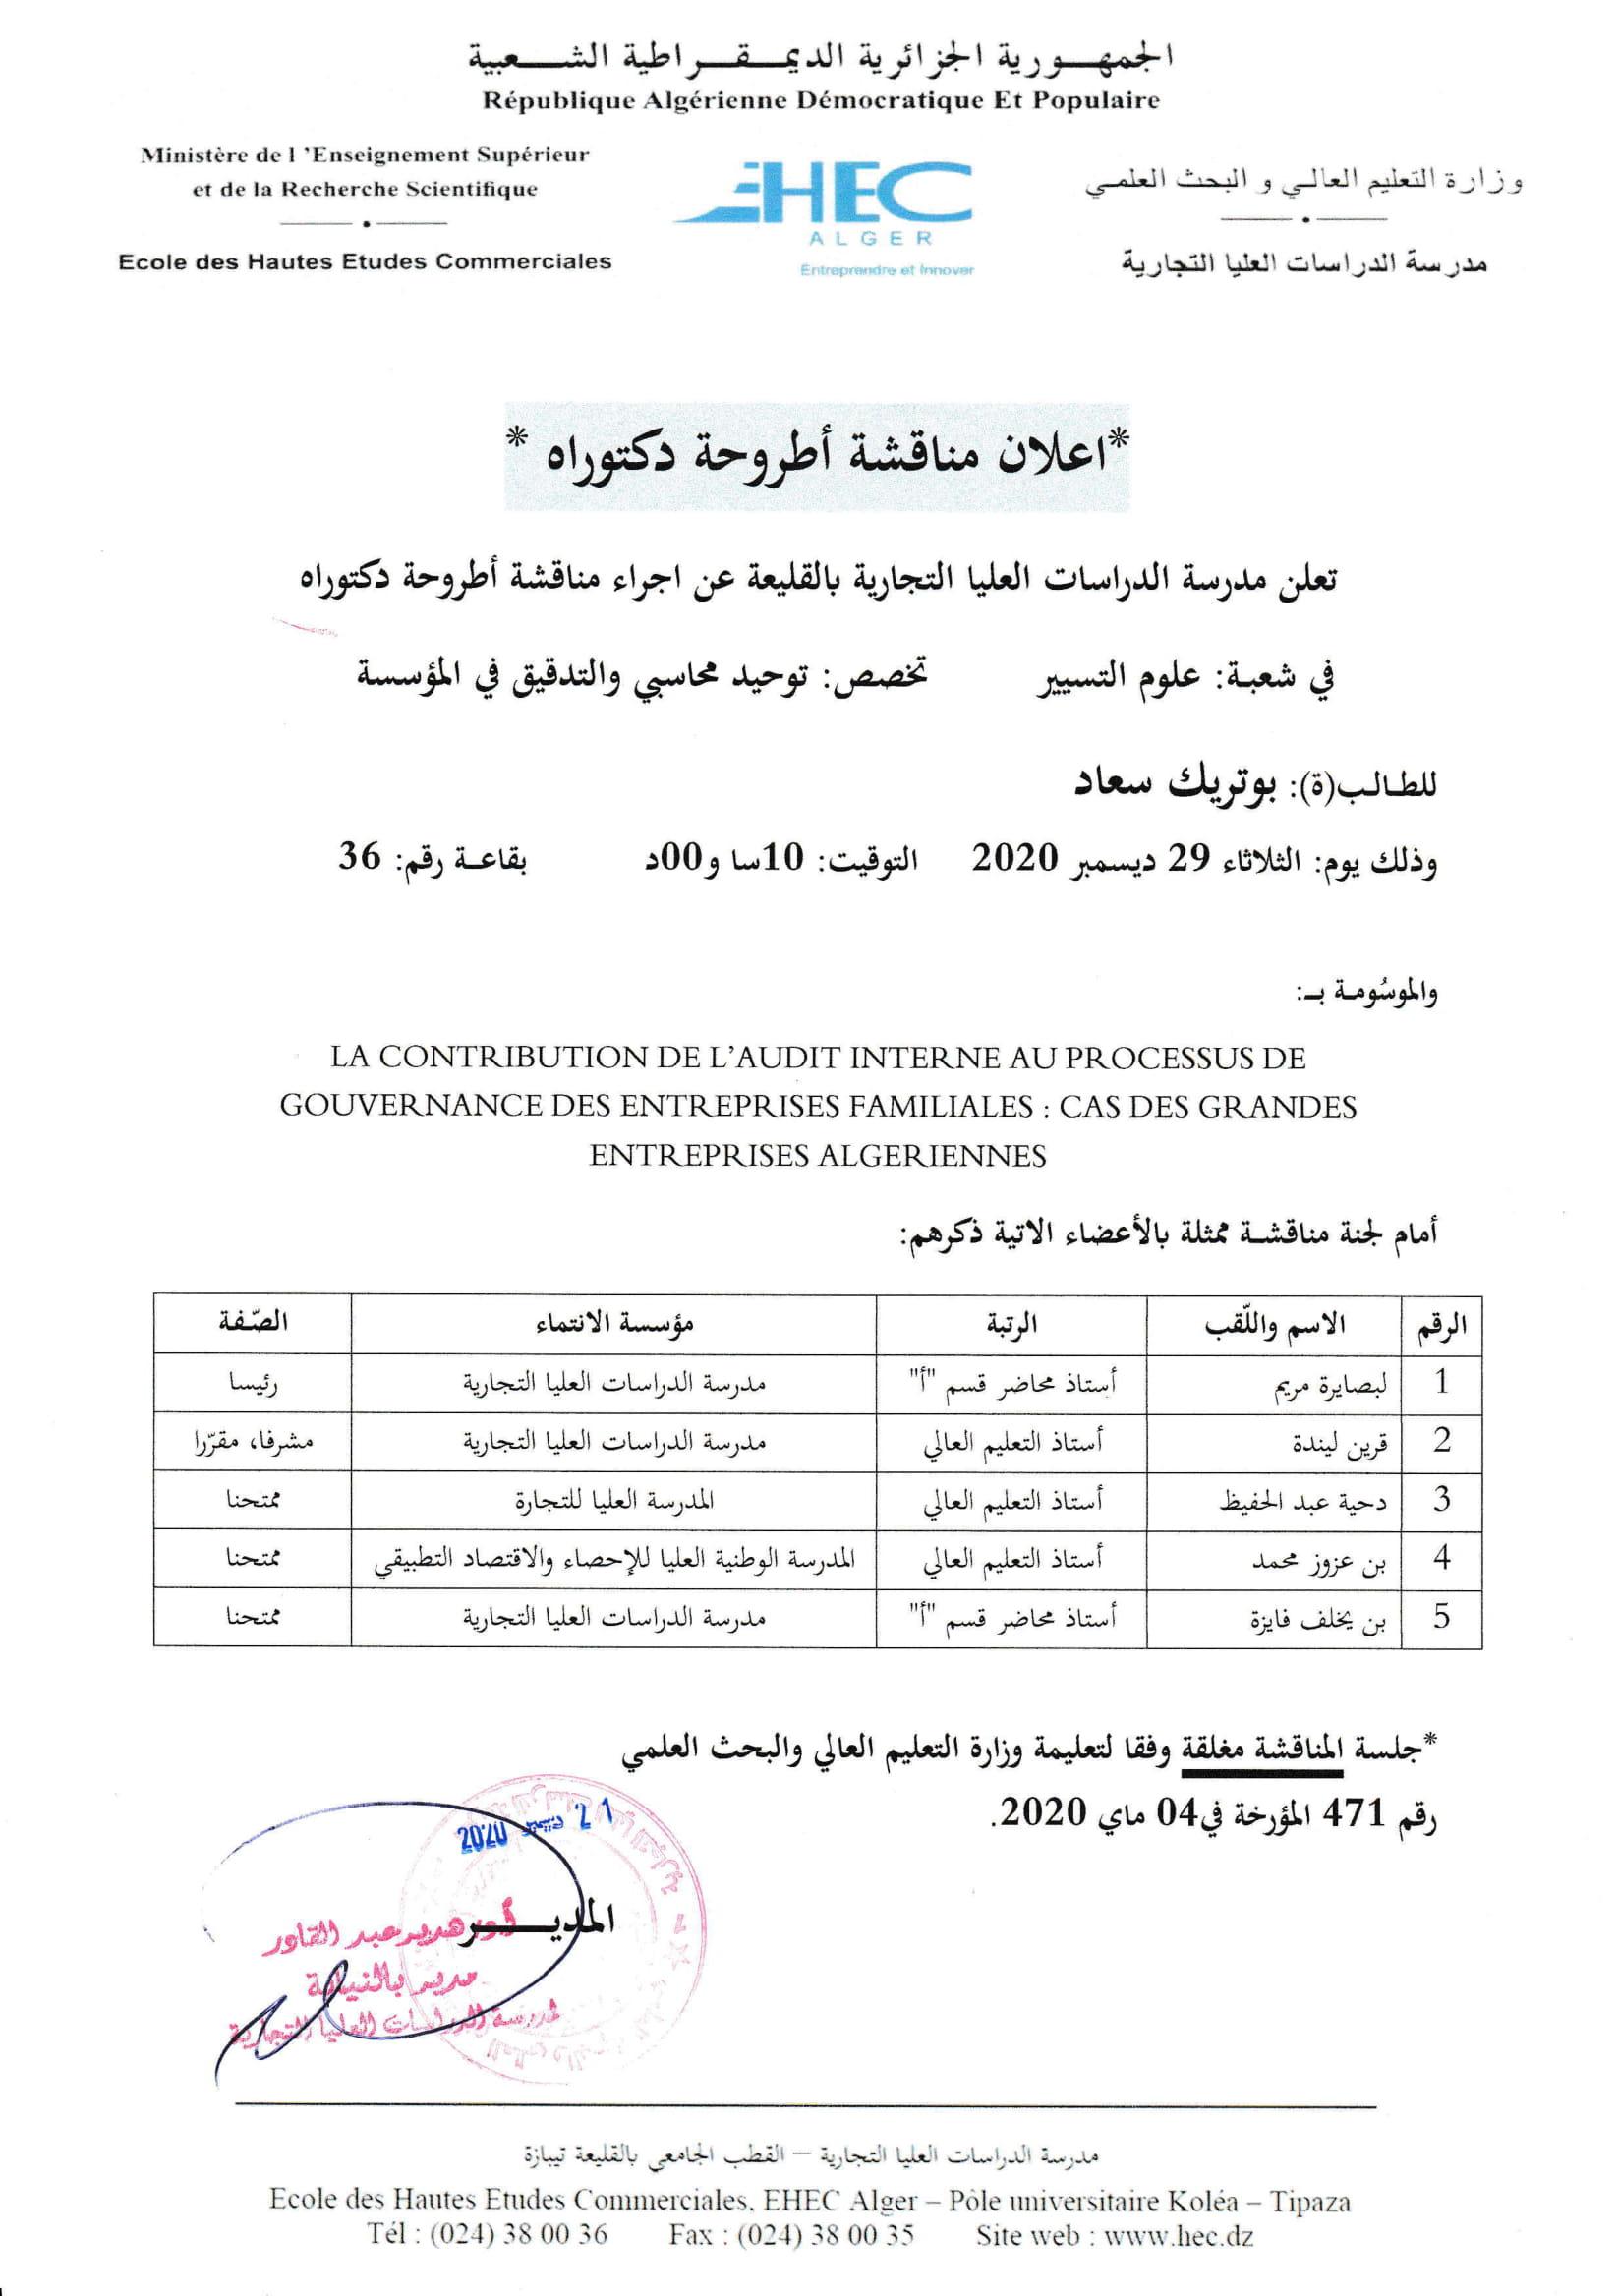 Soutenance de doctorat Bouterik Souad